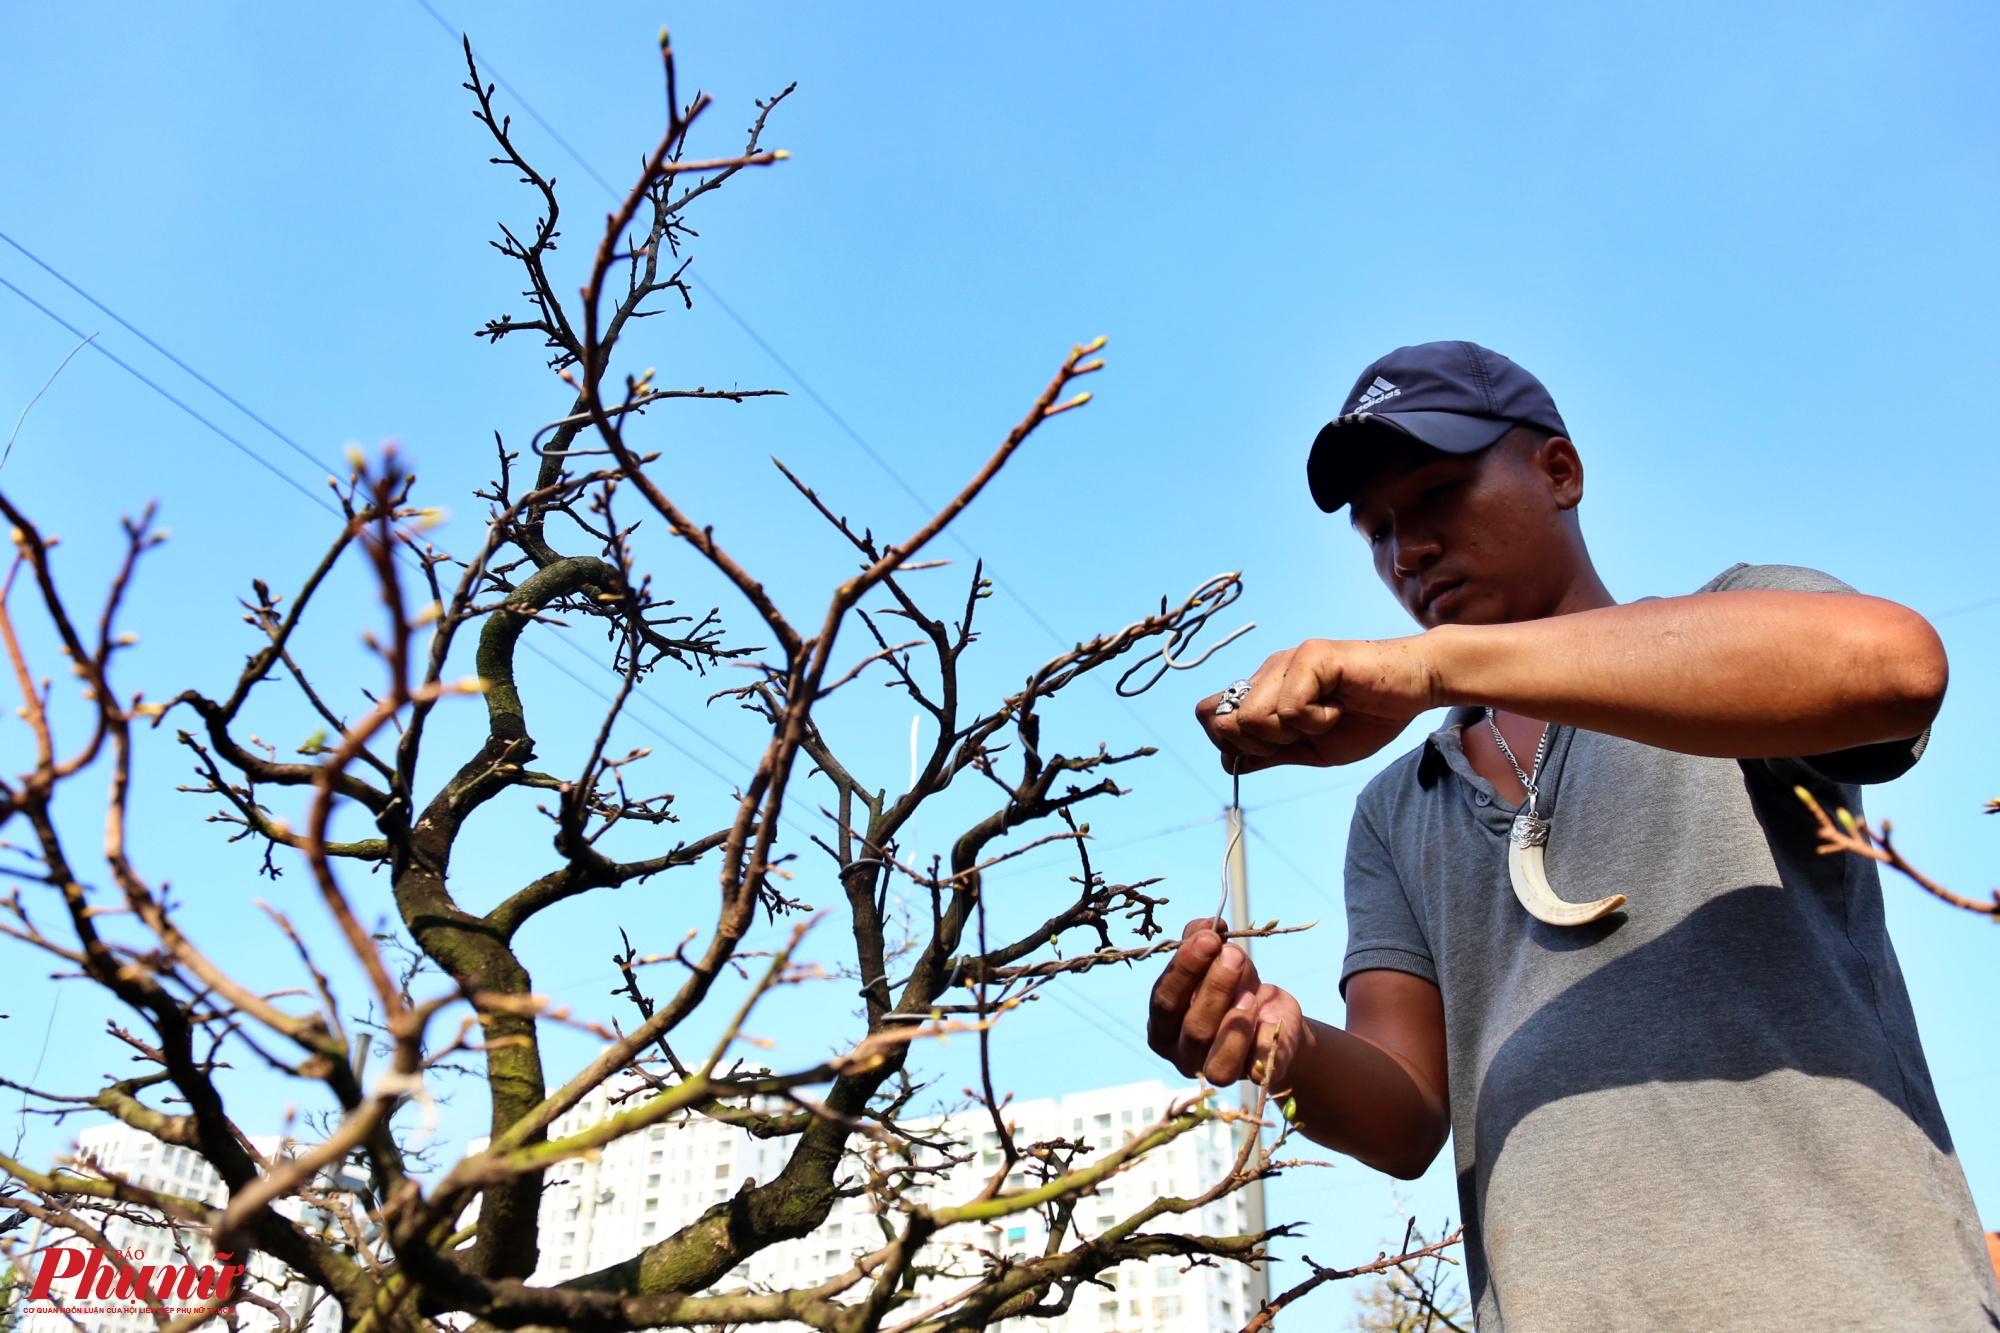 Công nhân Nguyễn Văn Ngọc cho biết: Khi quấn dây kẽm, không nên quấn chặt hay lỏng quá và đường quấn chéo phải hình thành những góc 45 độ với trục thẳng đứng của thân cây bonsai. Sau khi quấn xong ta uốn cành bằng cách xoắn thật nhẹ nhàng theo hướng dây kẽm để dây kẽm luôn được giữ chặt vào vỏ cây.